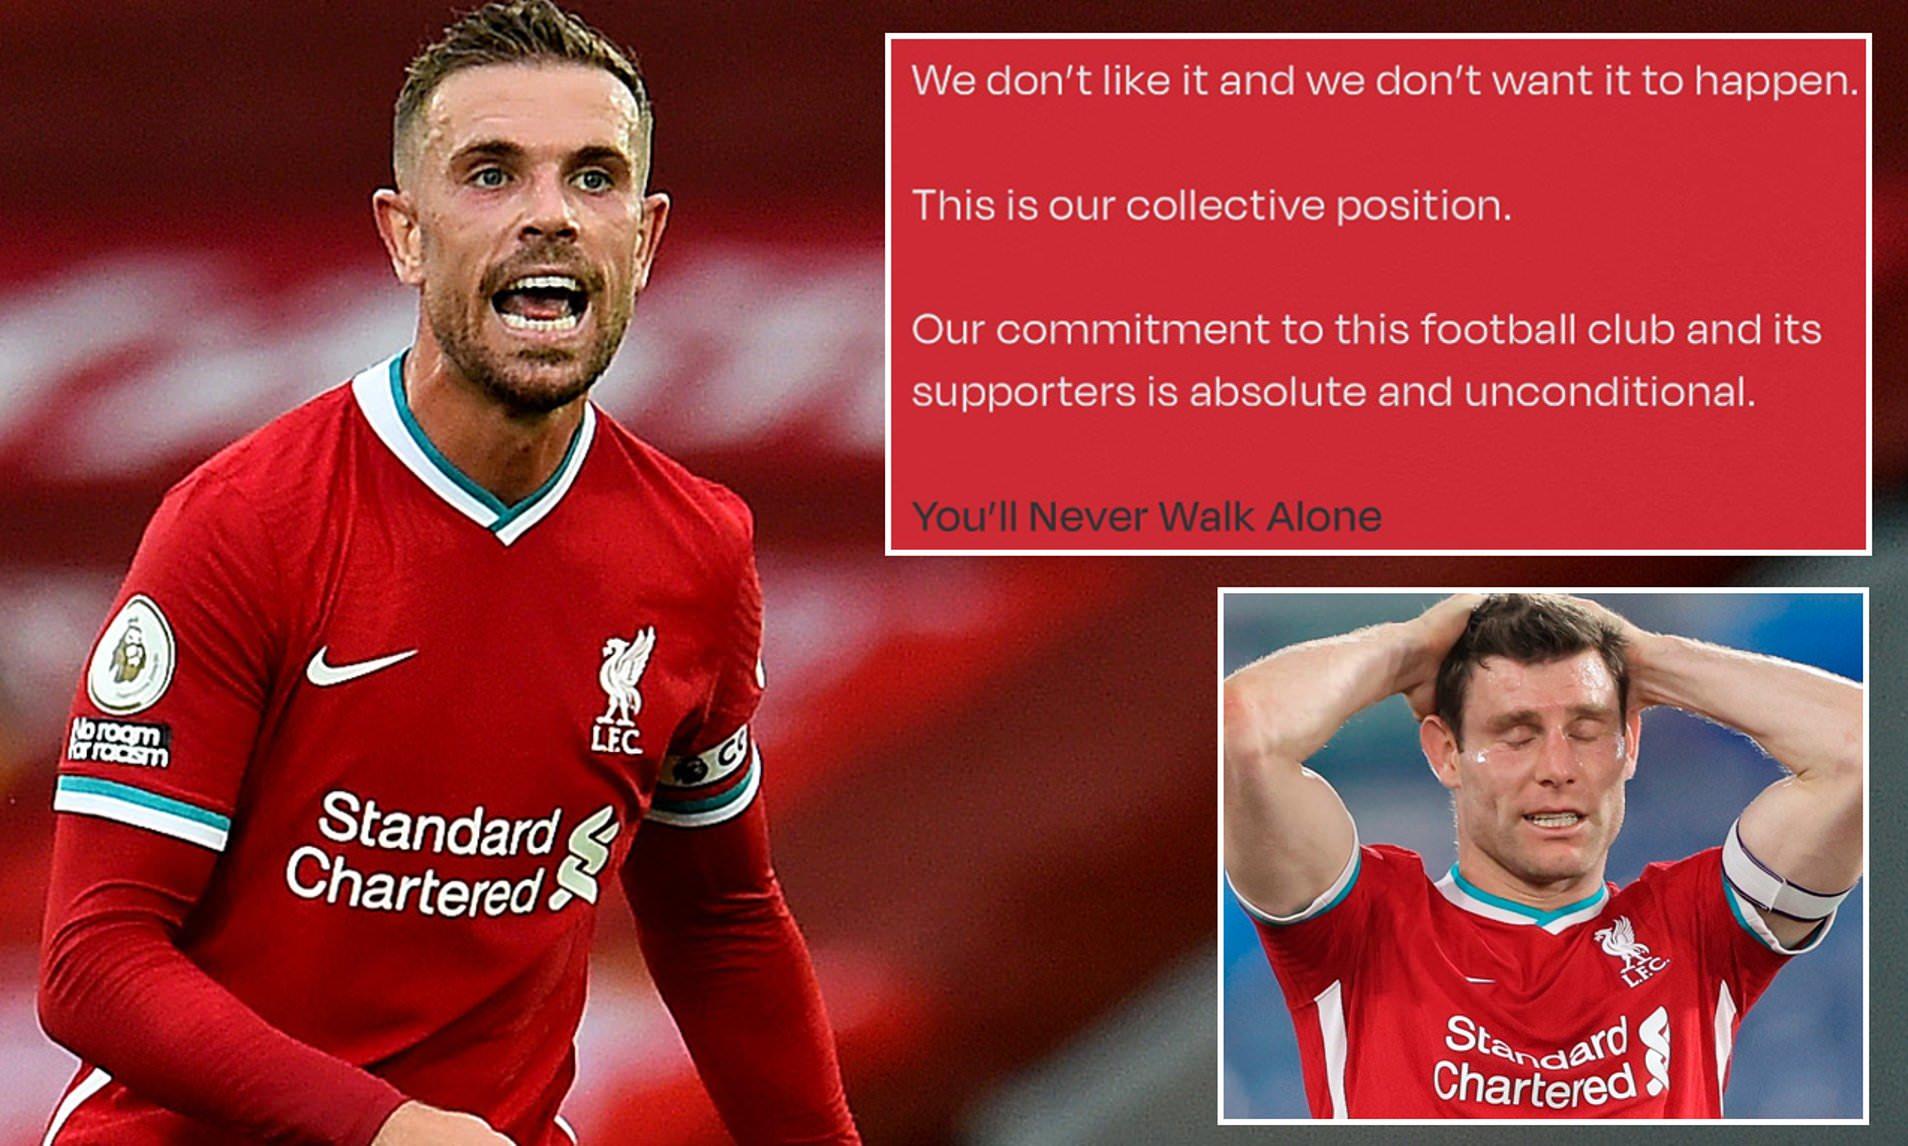 Henderson đã đưa ra thông điệp mạnh mẽ với vai trò thủ lĩnh của The Kop